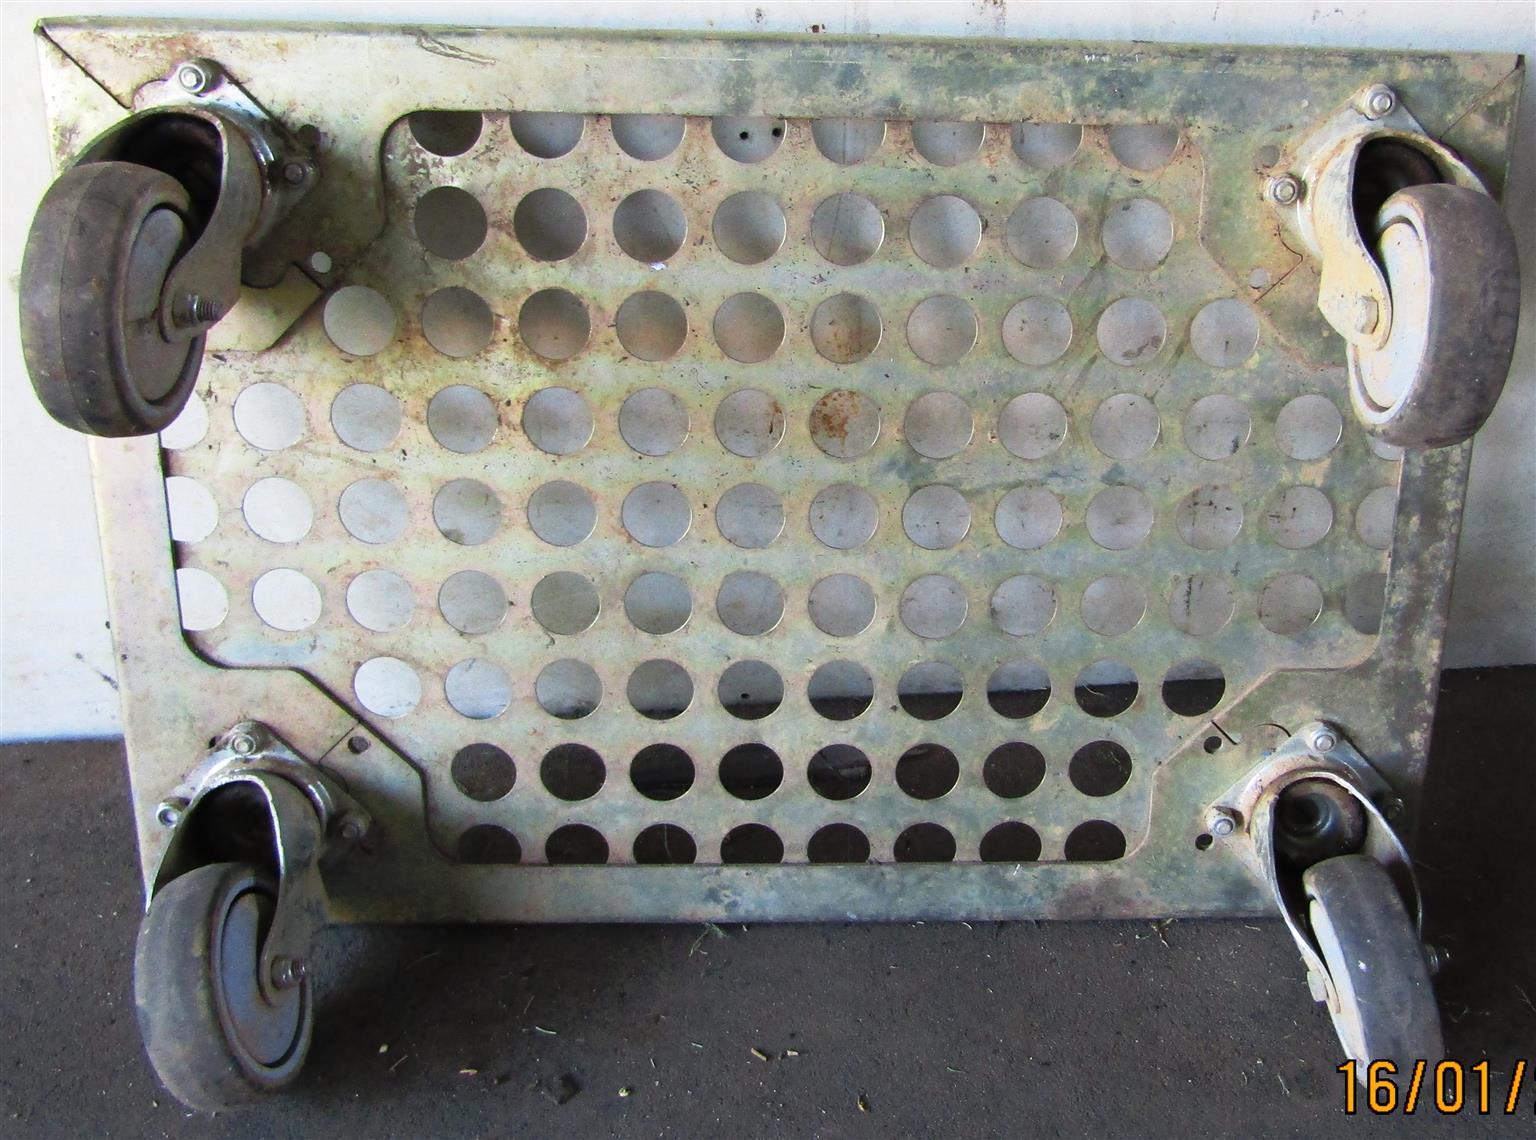 Shelf Scooter / Box Roller - 605mm x 405mm x 165mm